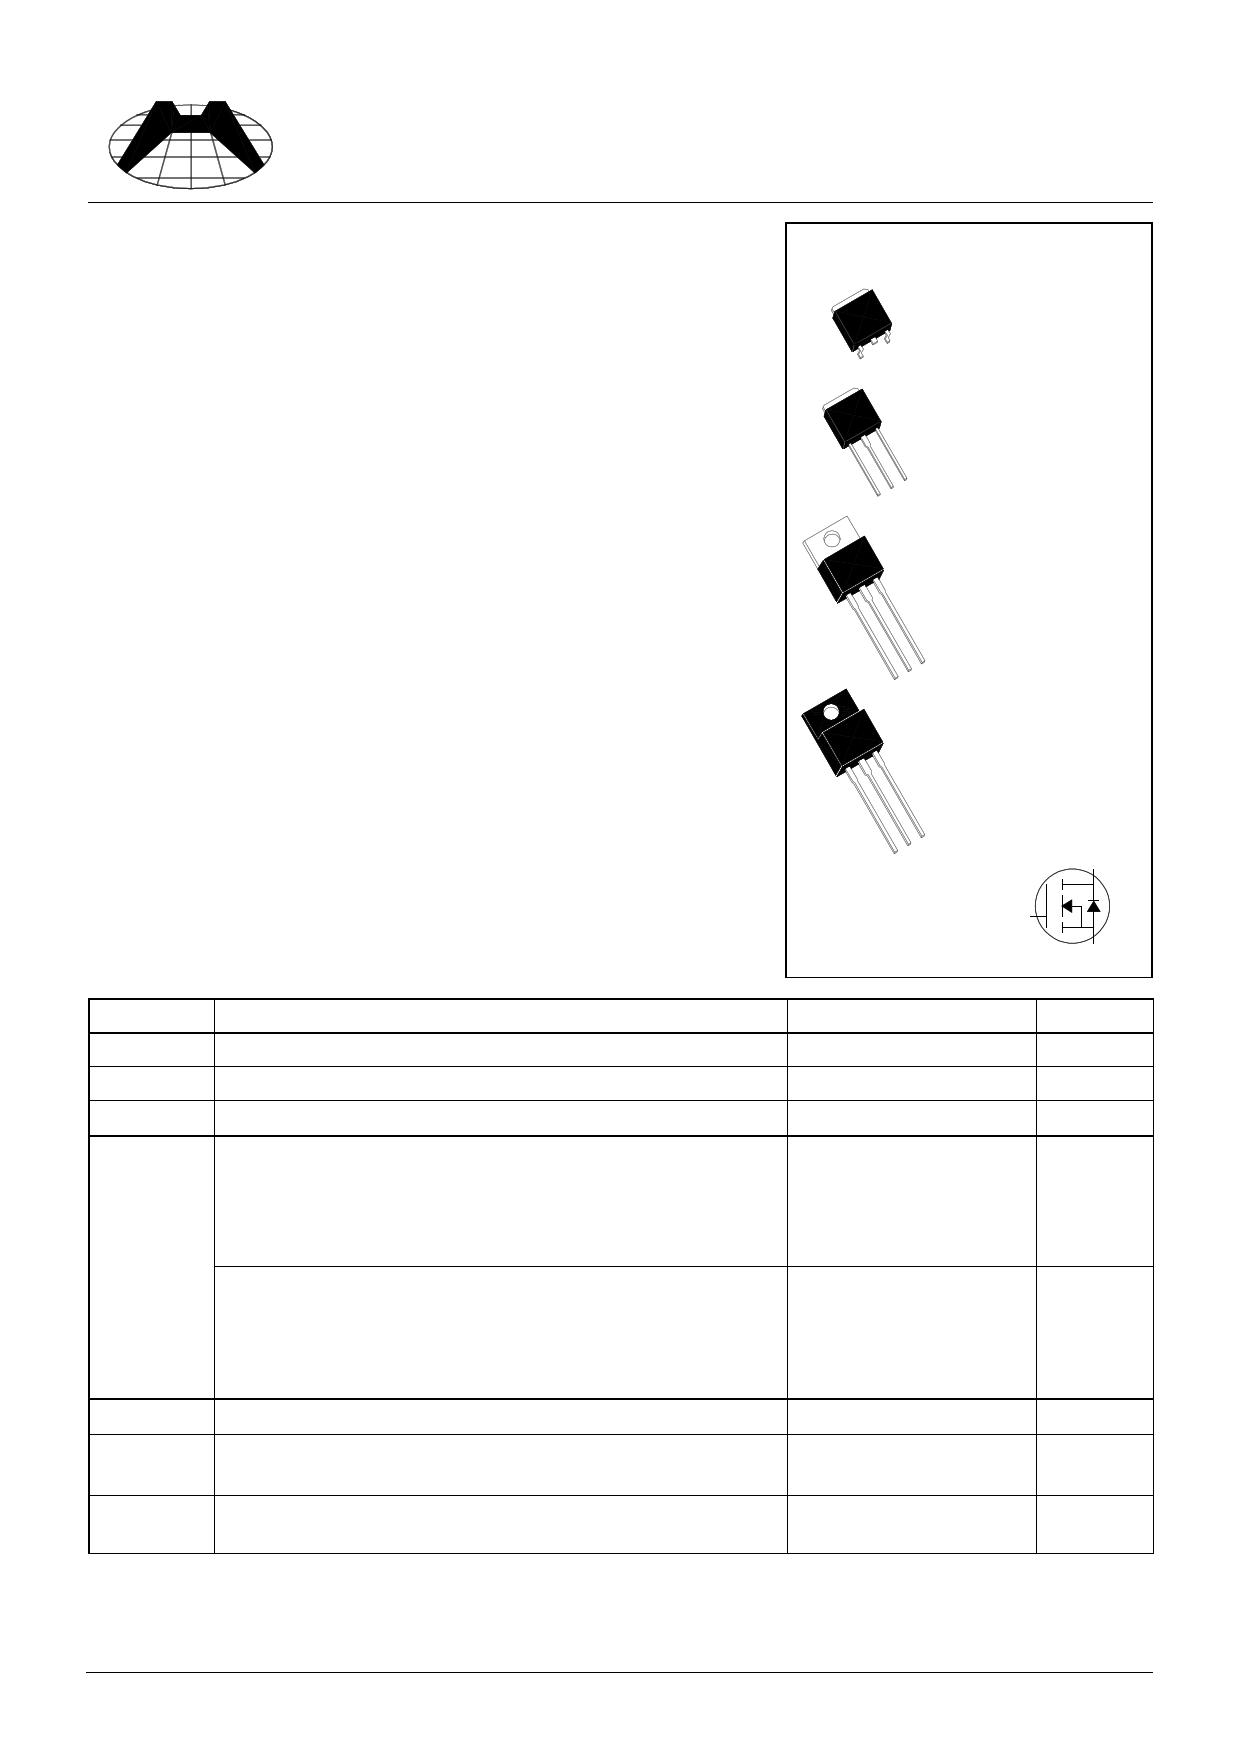 H02N60SI datasheet